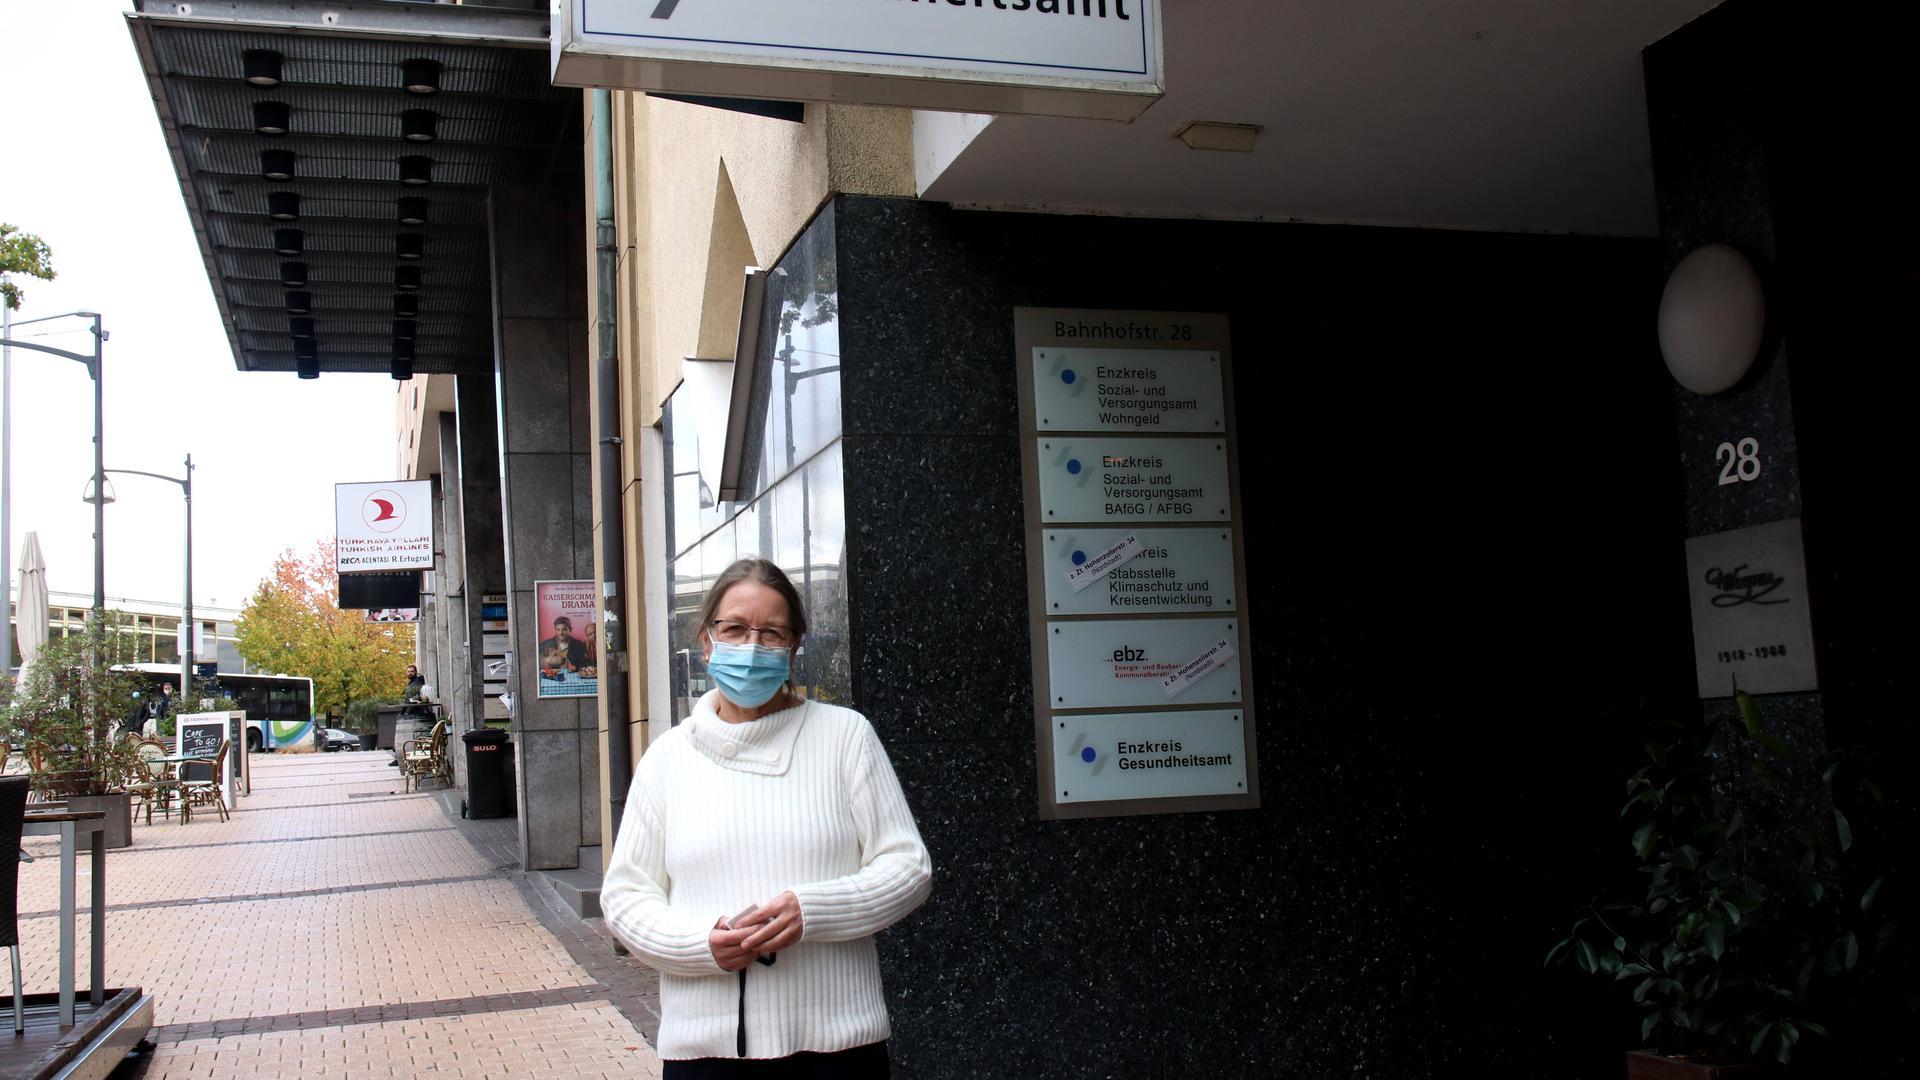 Die stellvertretende Gesundheitsamtsleiterin Angelika Edwards steht mit Mundnasenschutz vor dem Eingang des Gesundheitsamtes.